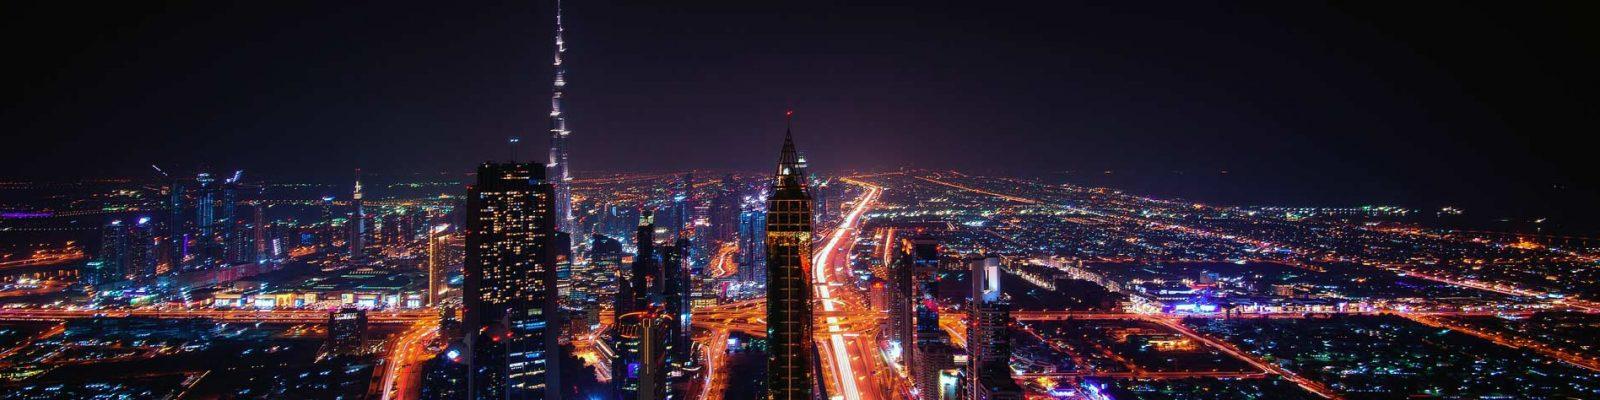 Fiera Dubai 2017, cover image